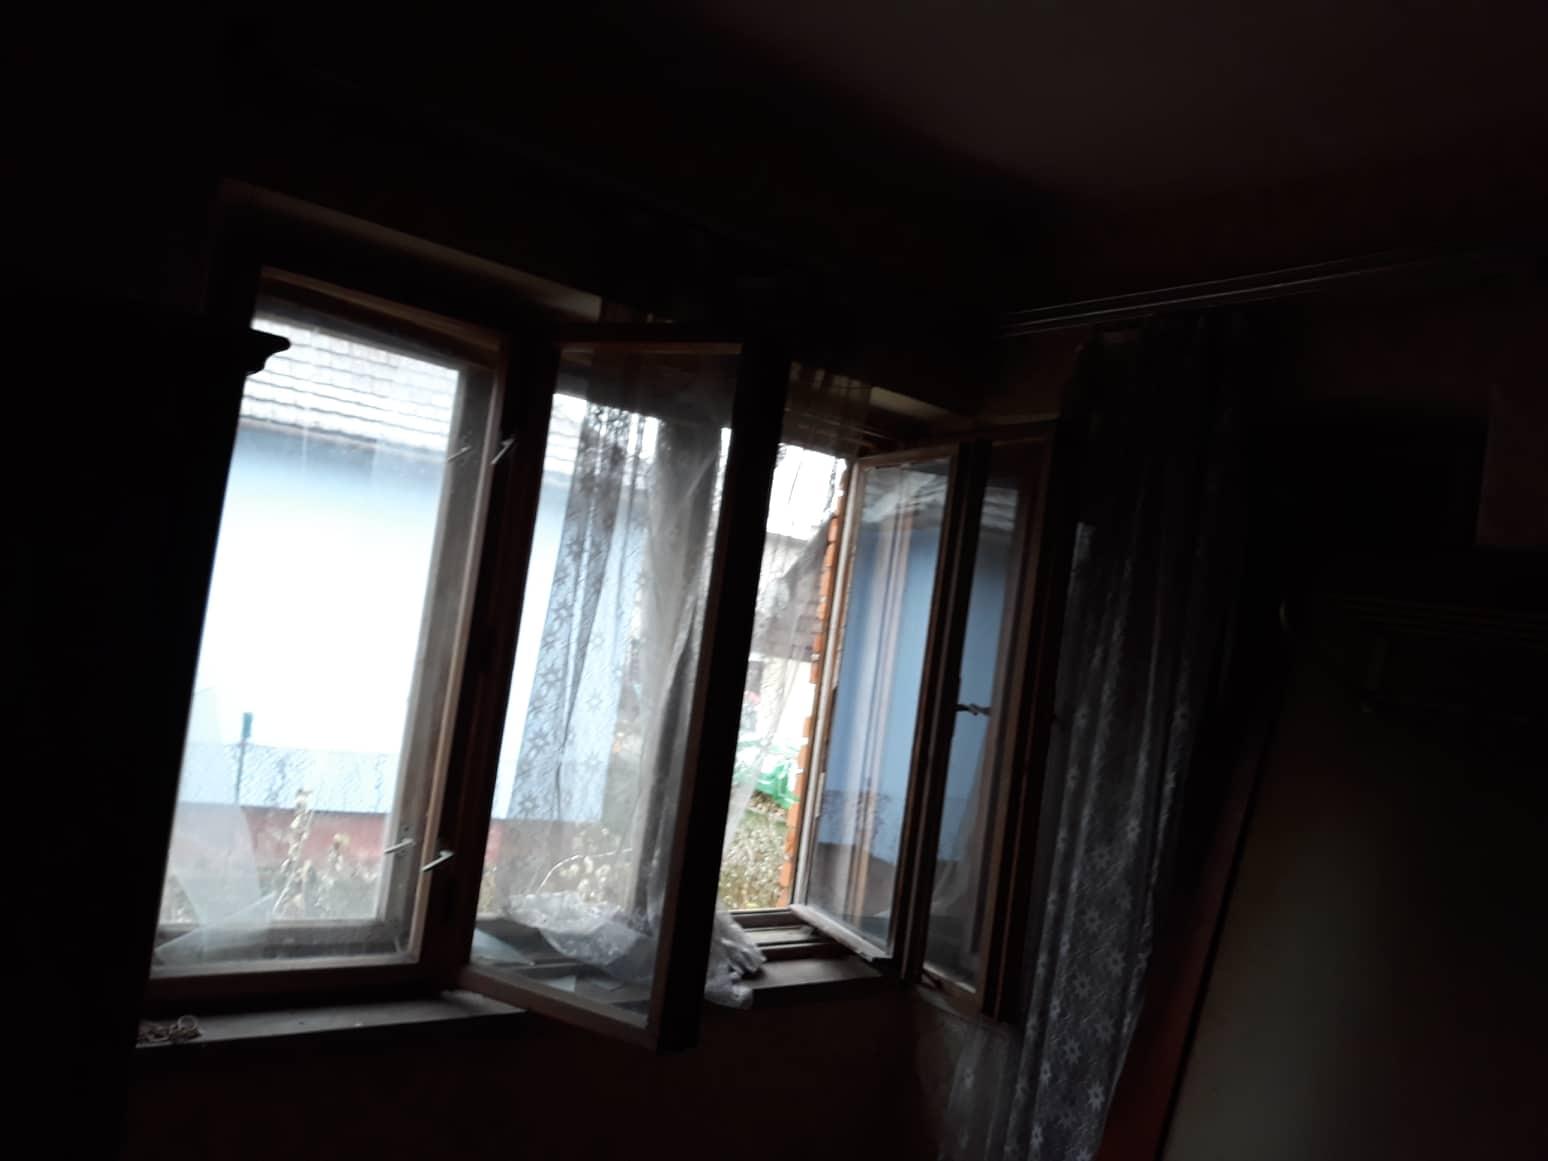 Rekonštrukcia domu-alebo chceme si splniť sen =》🏠🌻🌼🐶  mat domcek a vratit sa na Slovensko - izba c.2 jedno okno uzavrete dverom>izba ma dve okna